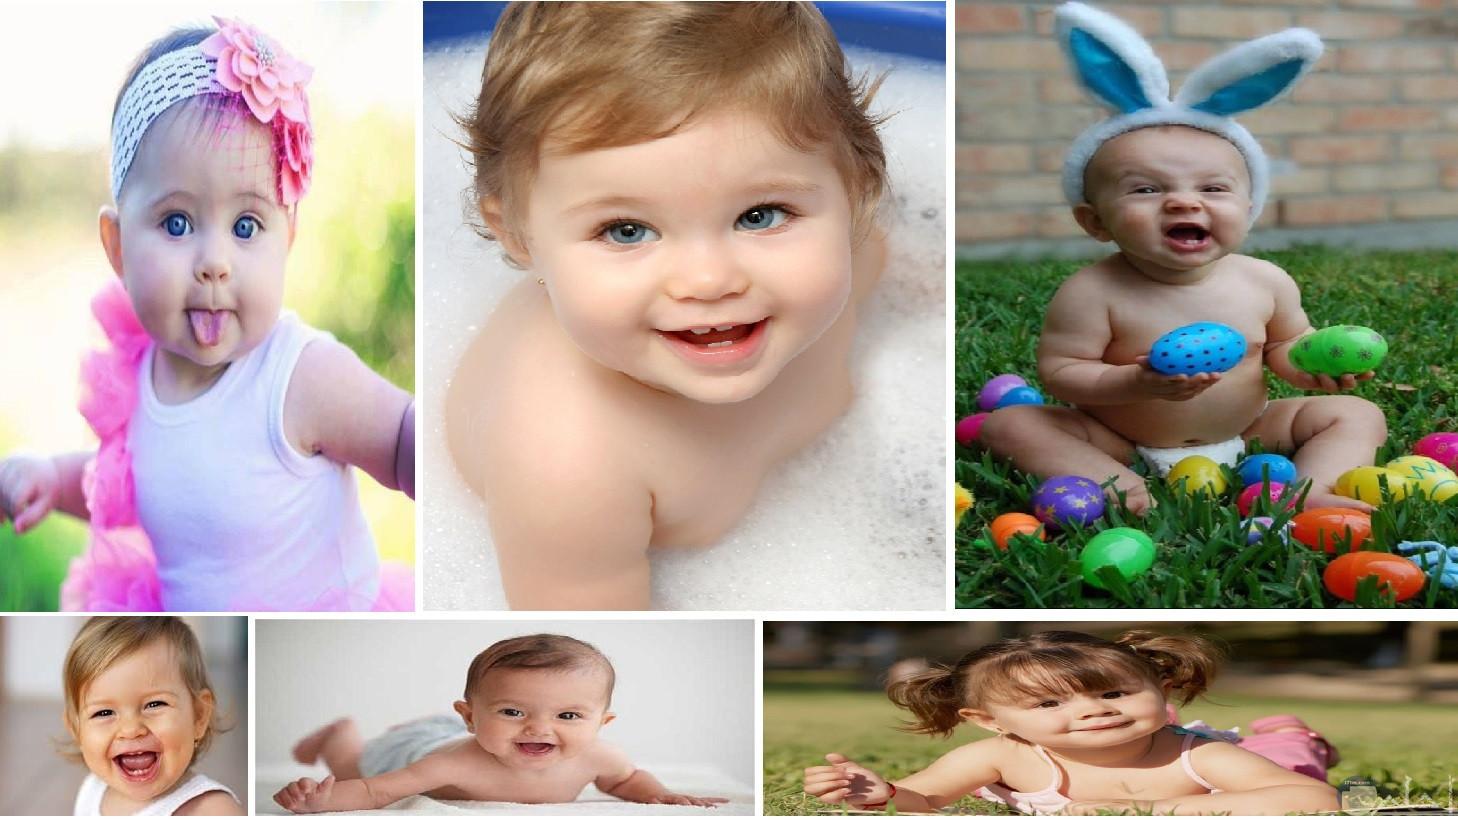 الابتسامة الرائعة للاطفال.